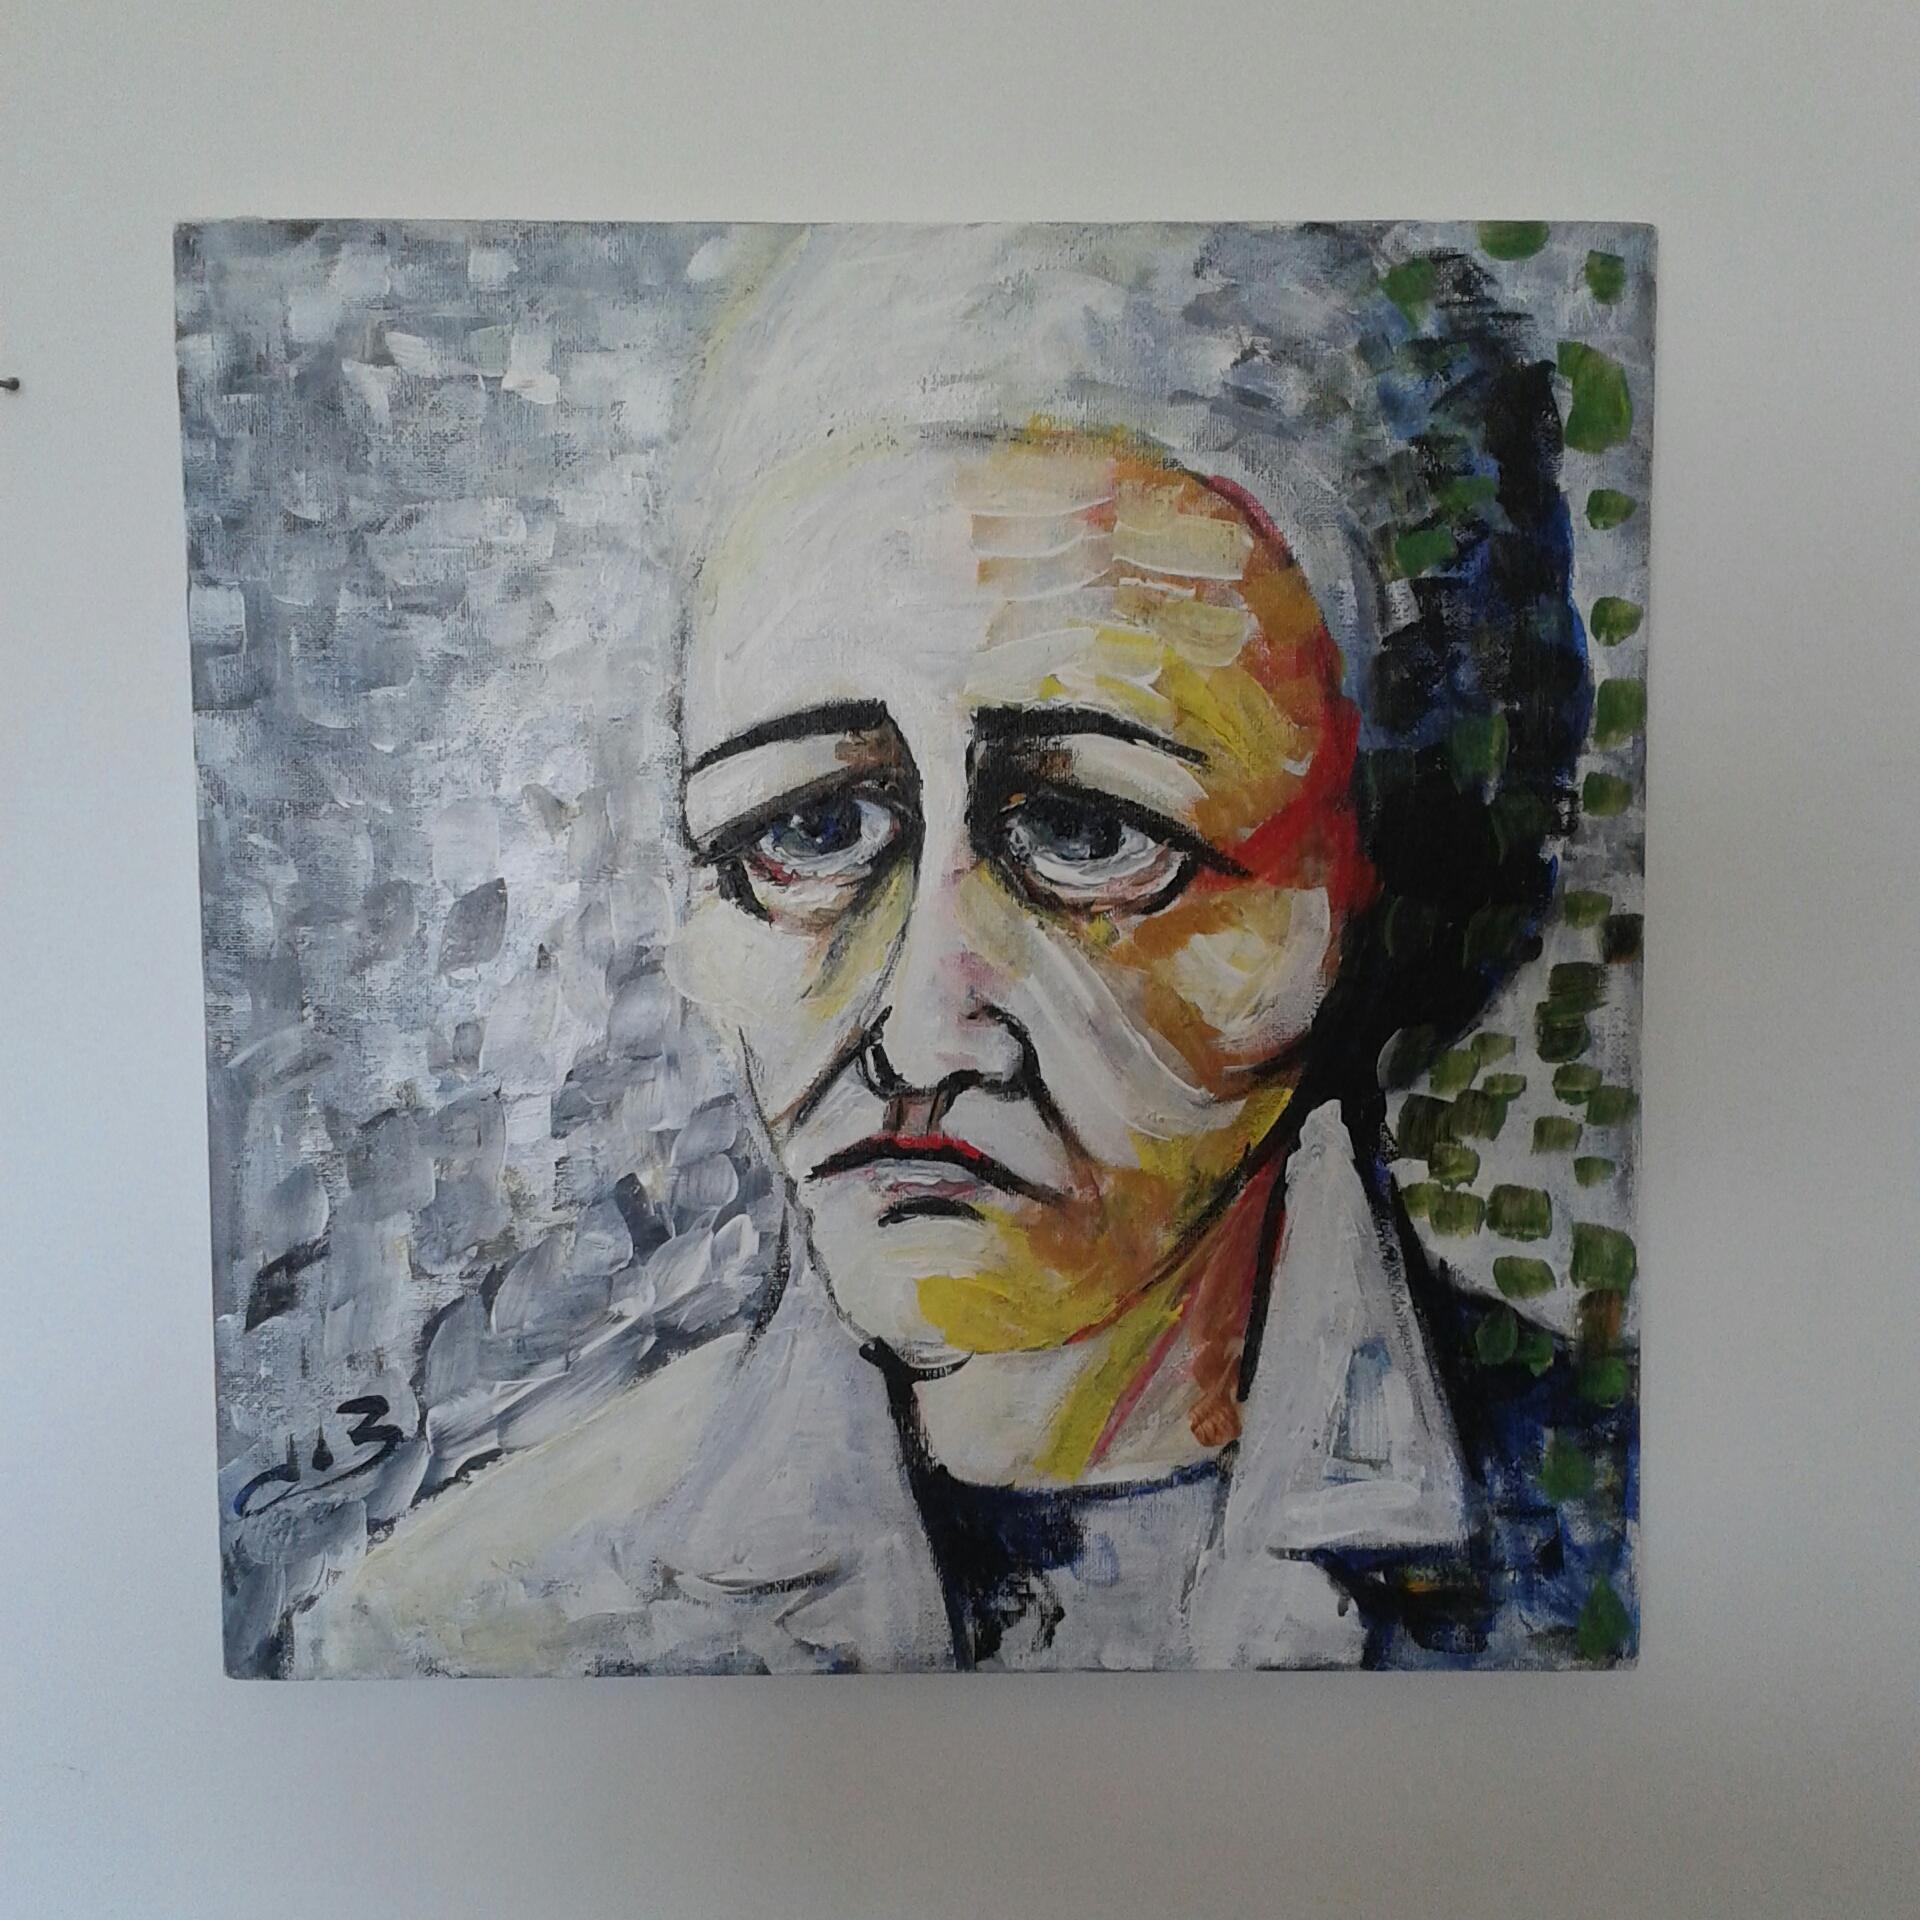 ציורים באקריליק – ציפורה בראבי by tsipi baravi - Illustrated by ציפורה בראבי - Ourboox.com